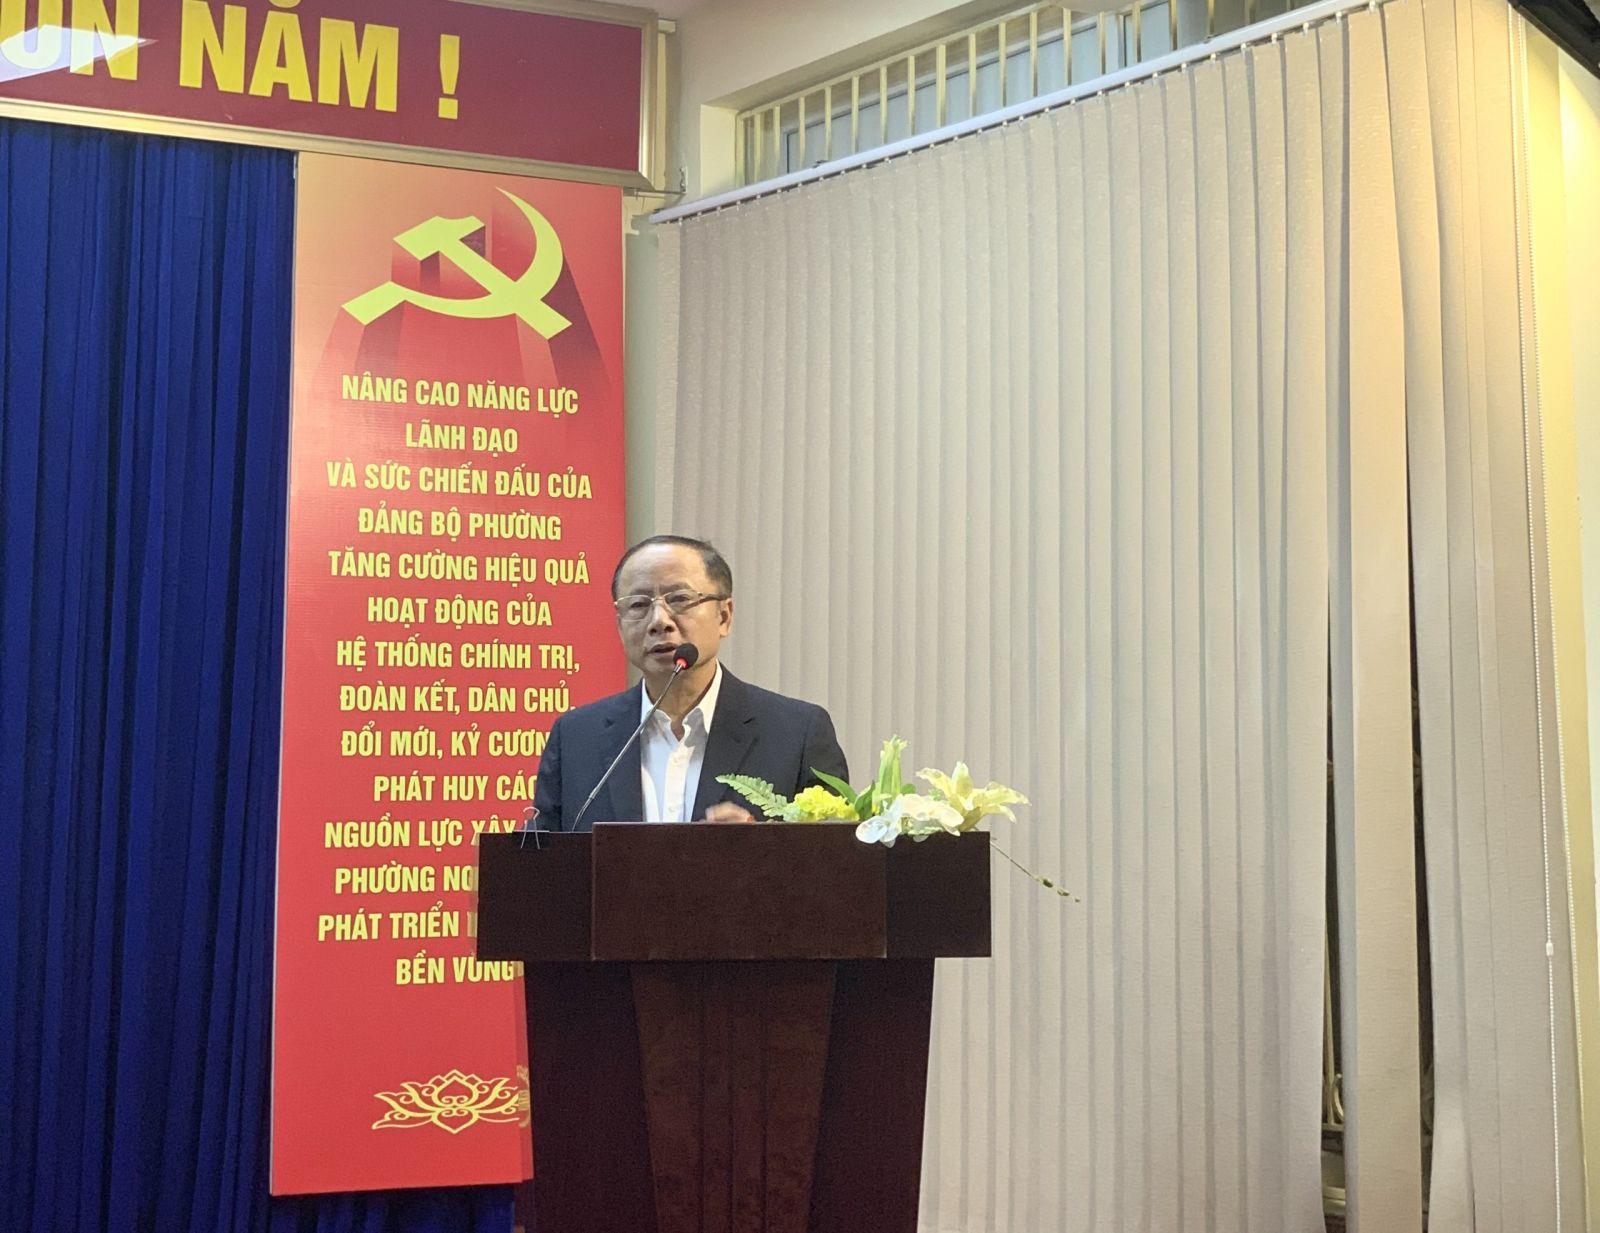 Ông Nguyễn Văn Thân - Chủ tịch VINASME